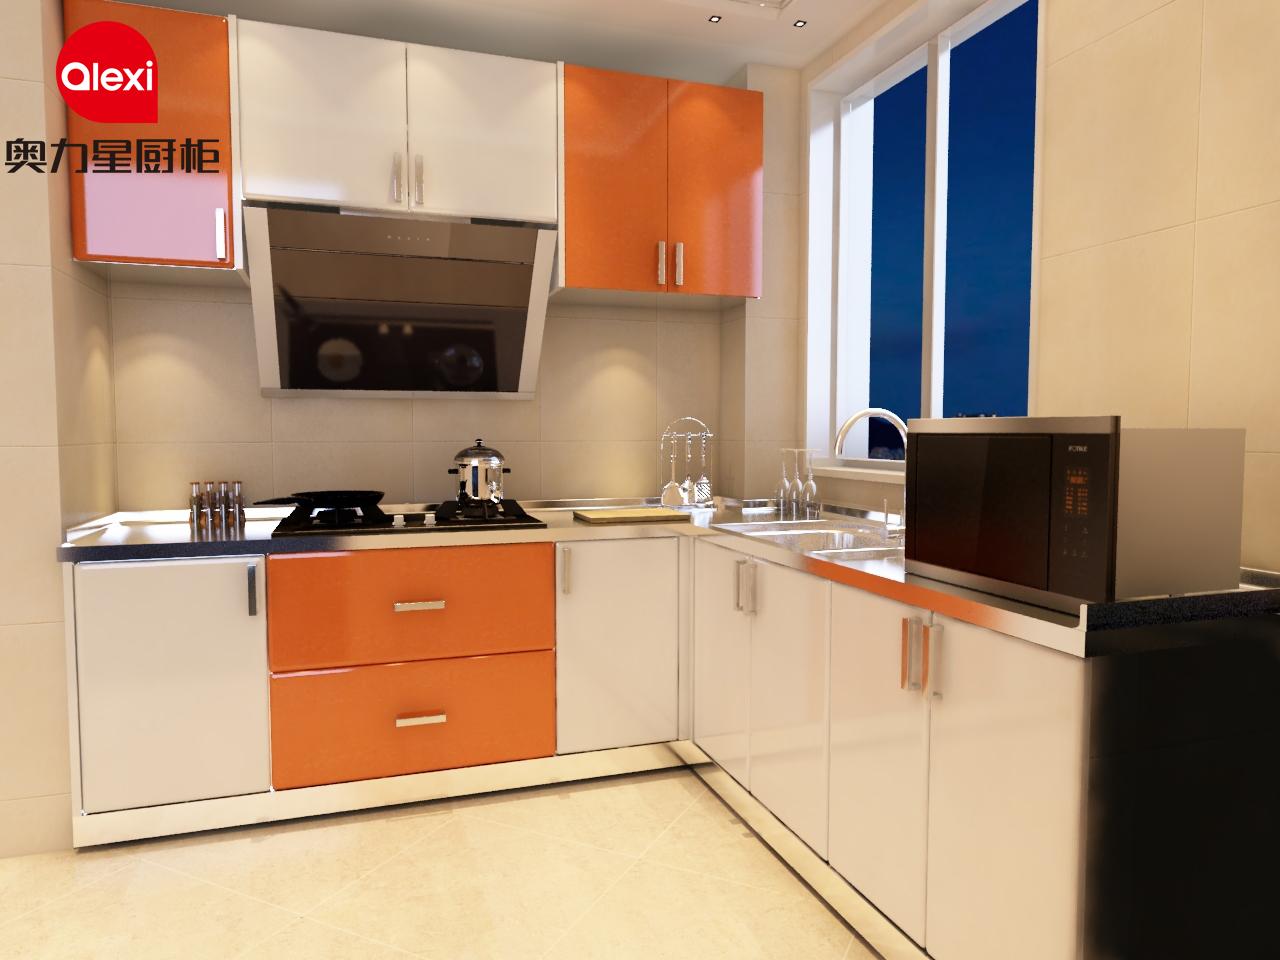 奥力星橙色不锈钢橱柜